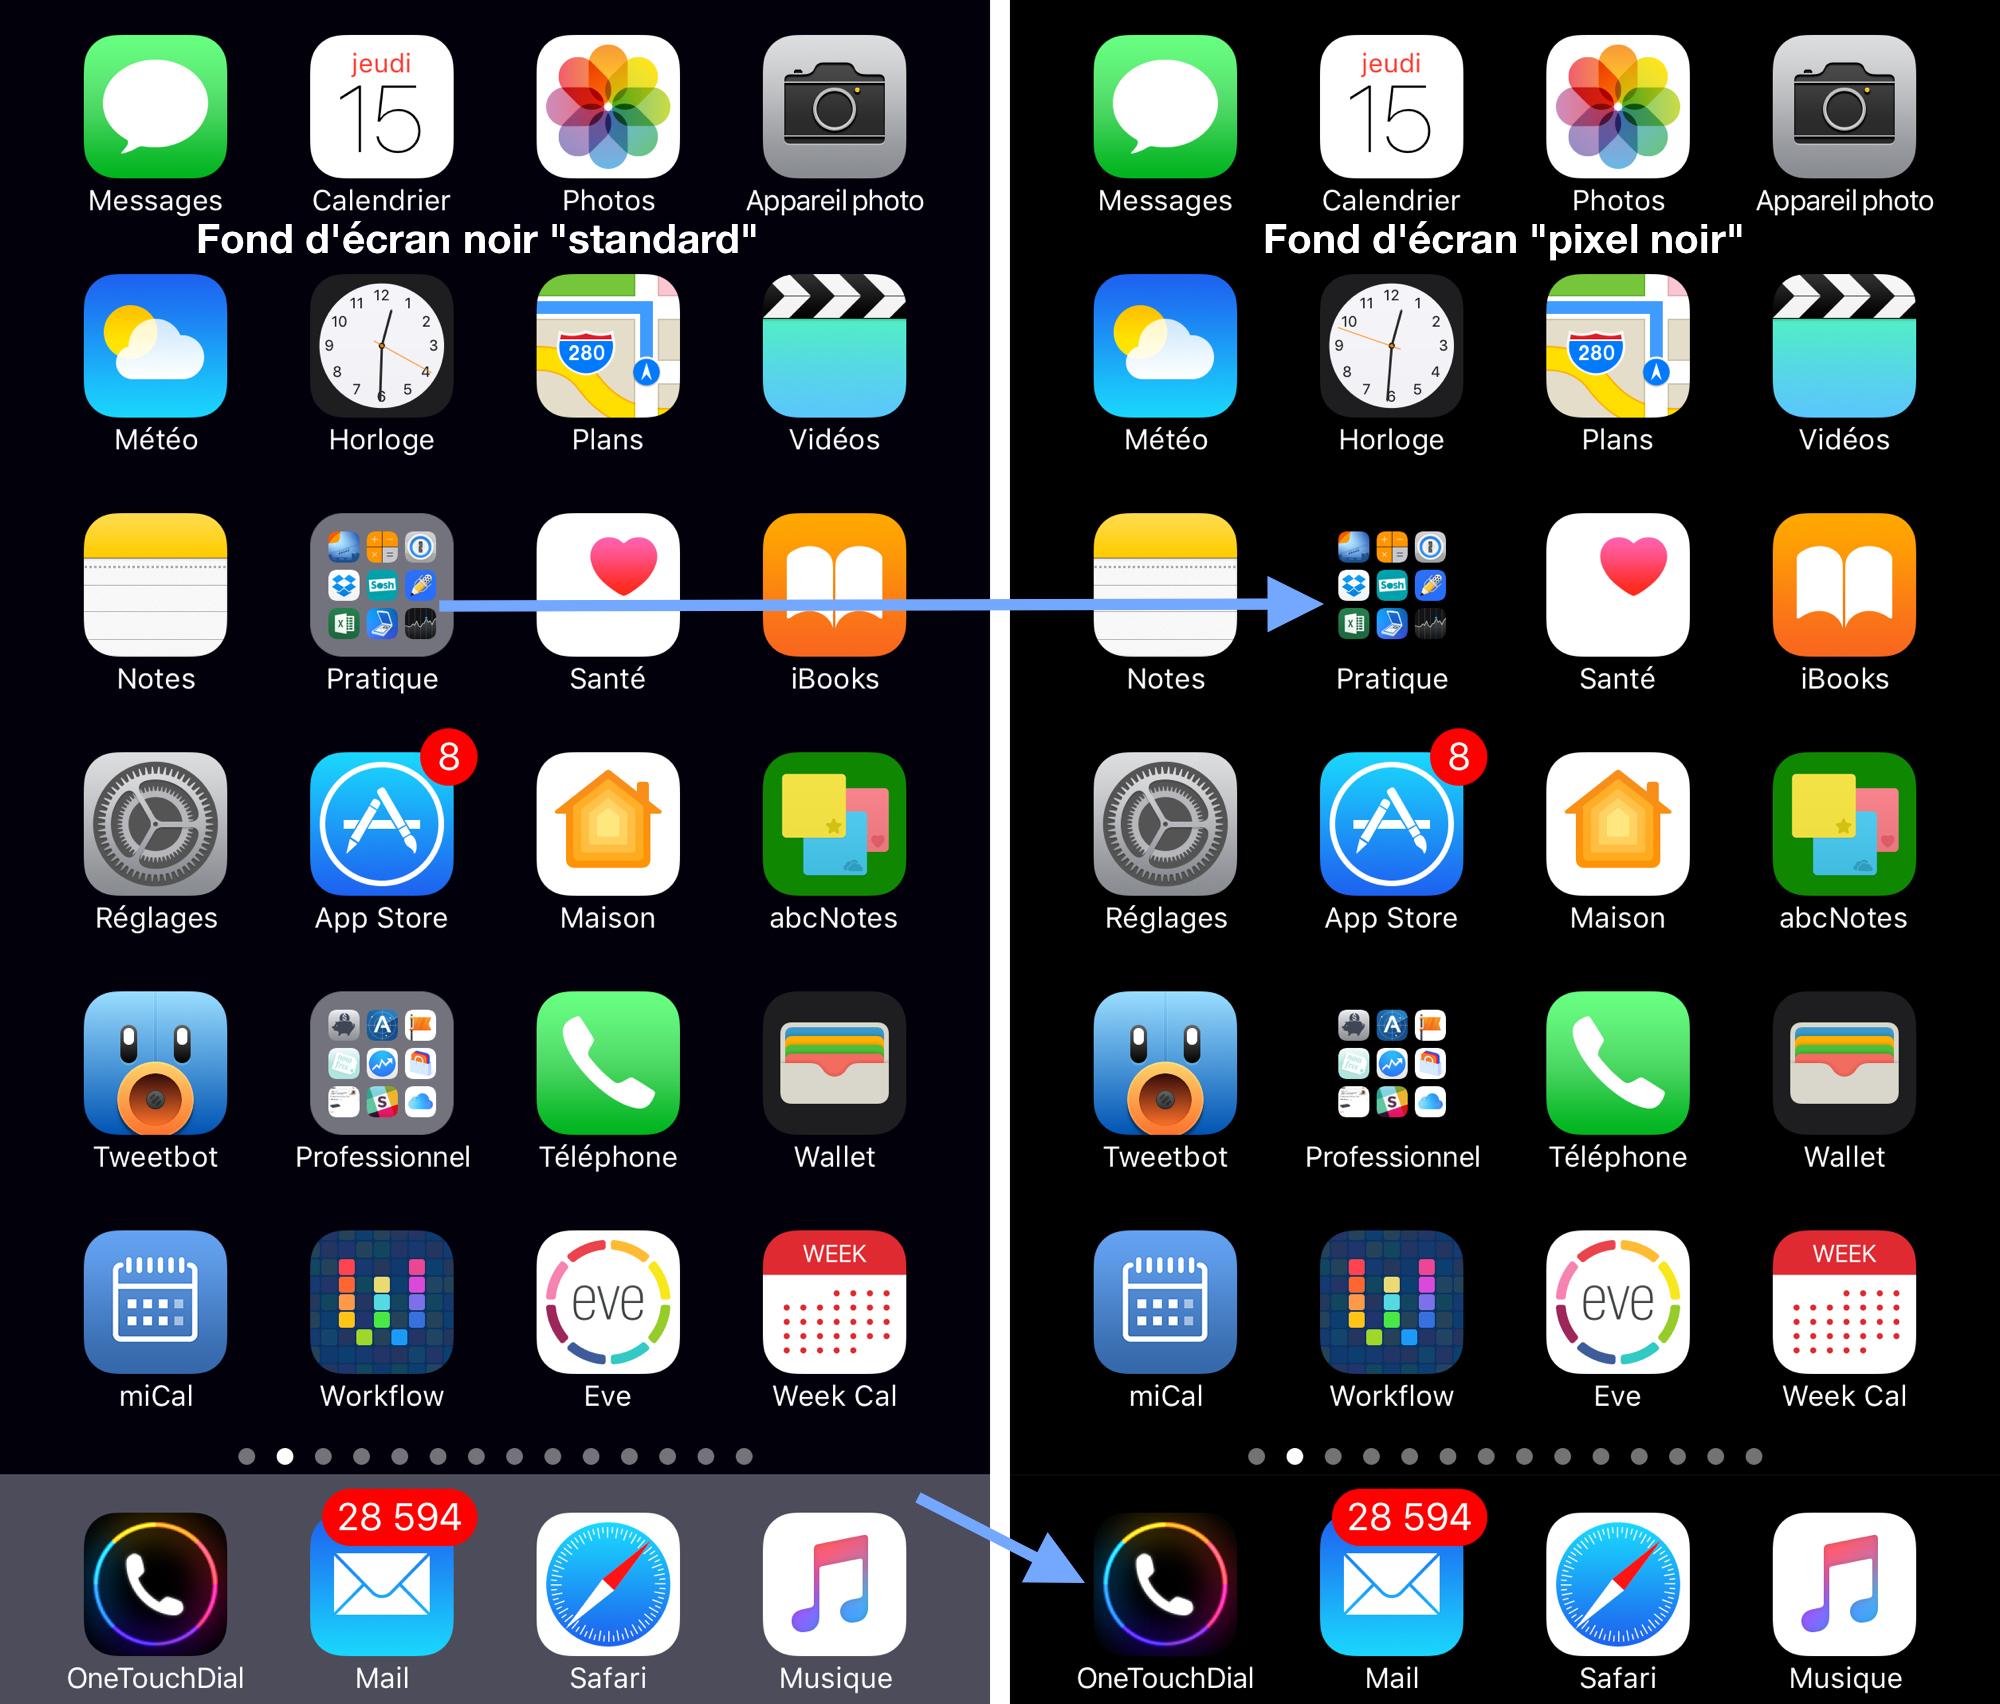 Wallpaper For Iphone X App Profitez D Un Quot Glitch Quot Ios 10 Quot Pour Offrir Un Fond D 233 Cran